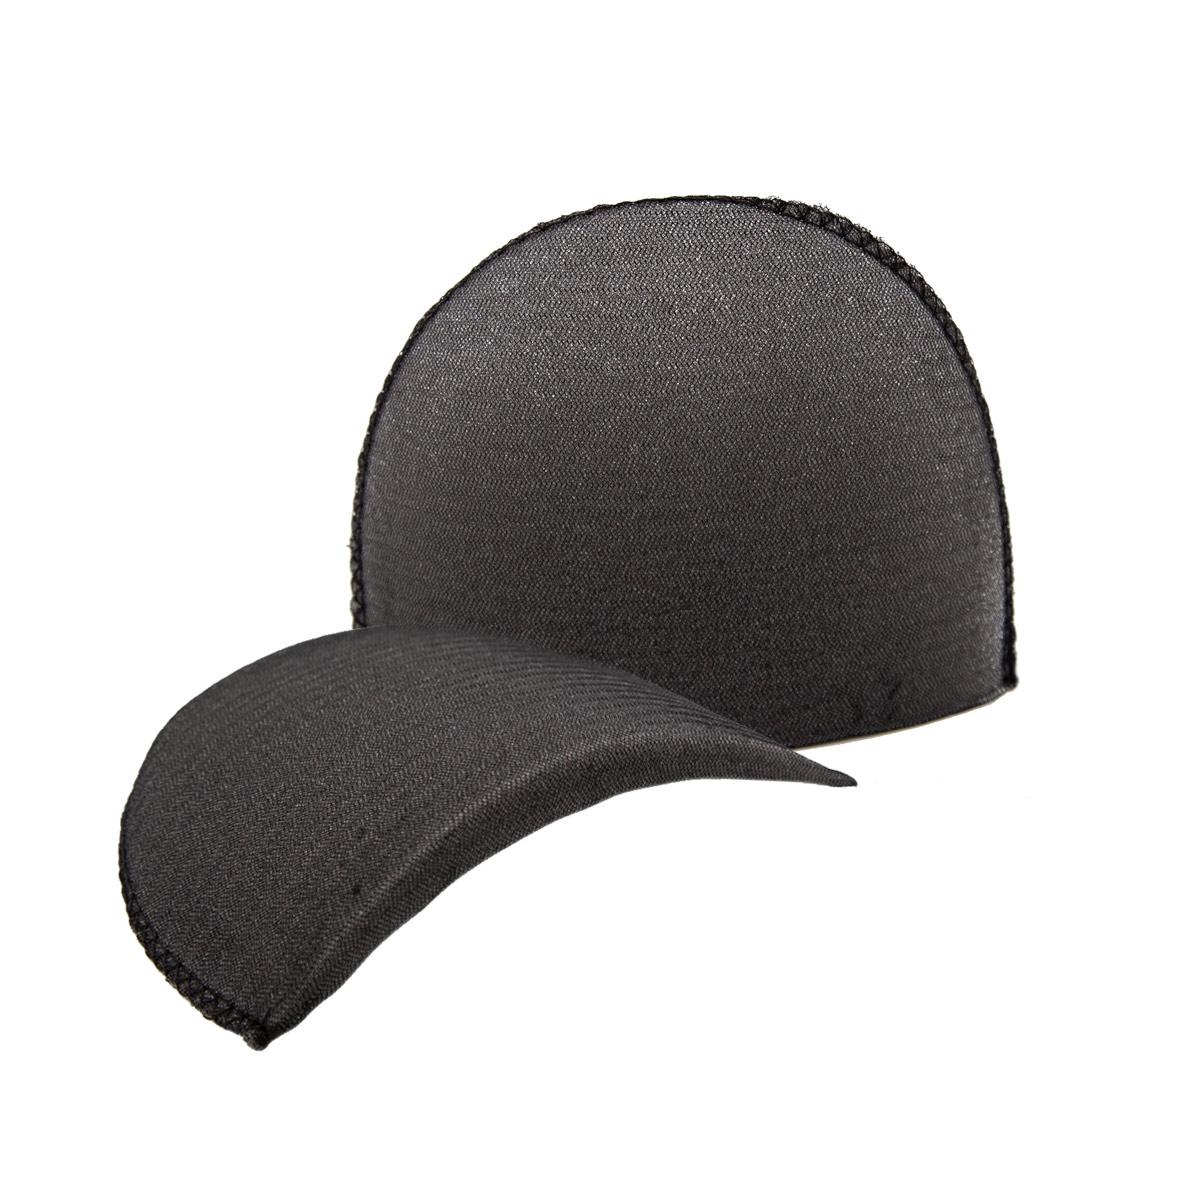 В-16 Плечевые накладки обшитые, втачные, 16*120*165 мм